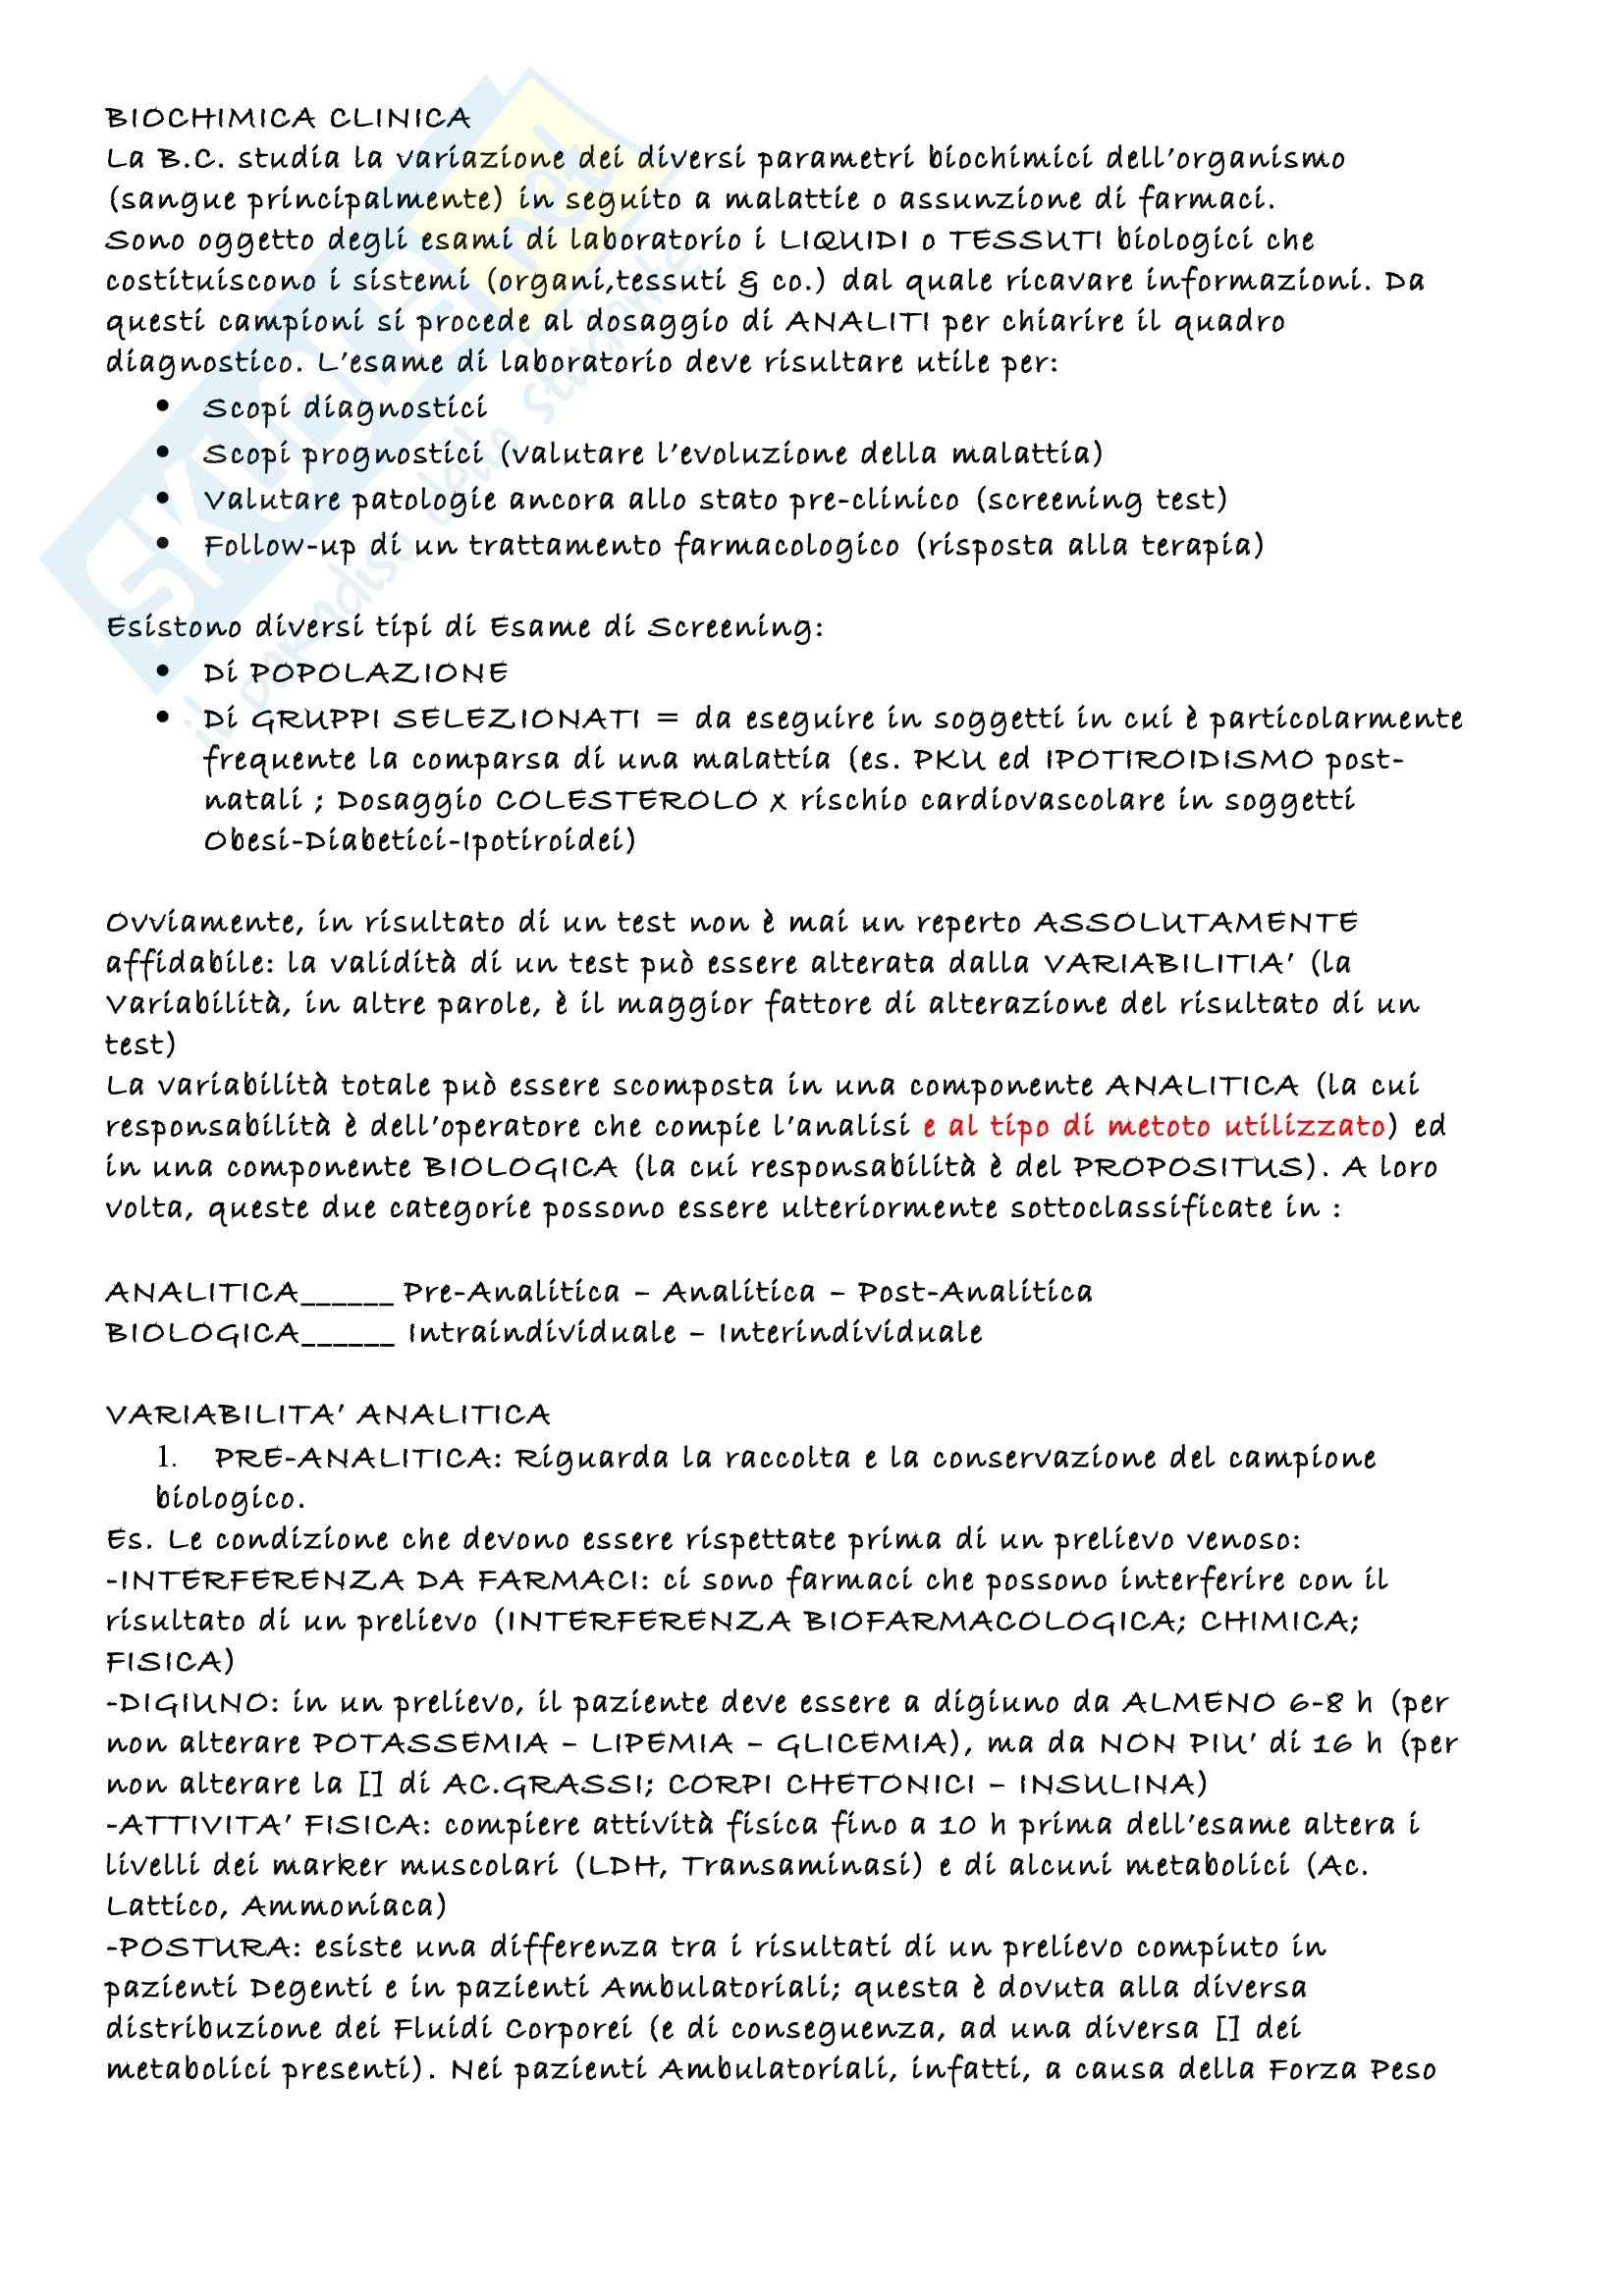 Biochimica clinica - Appunti